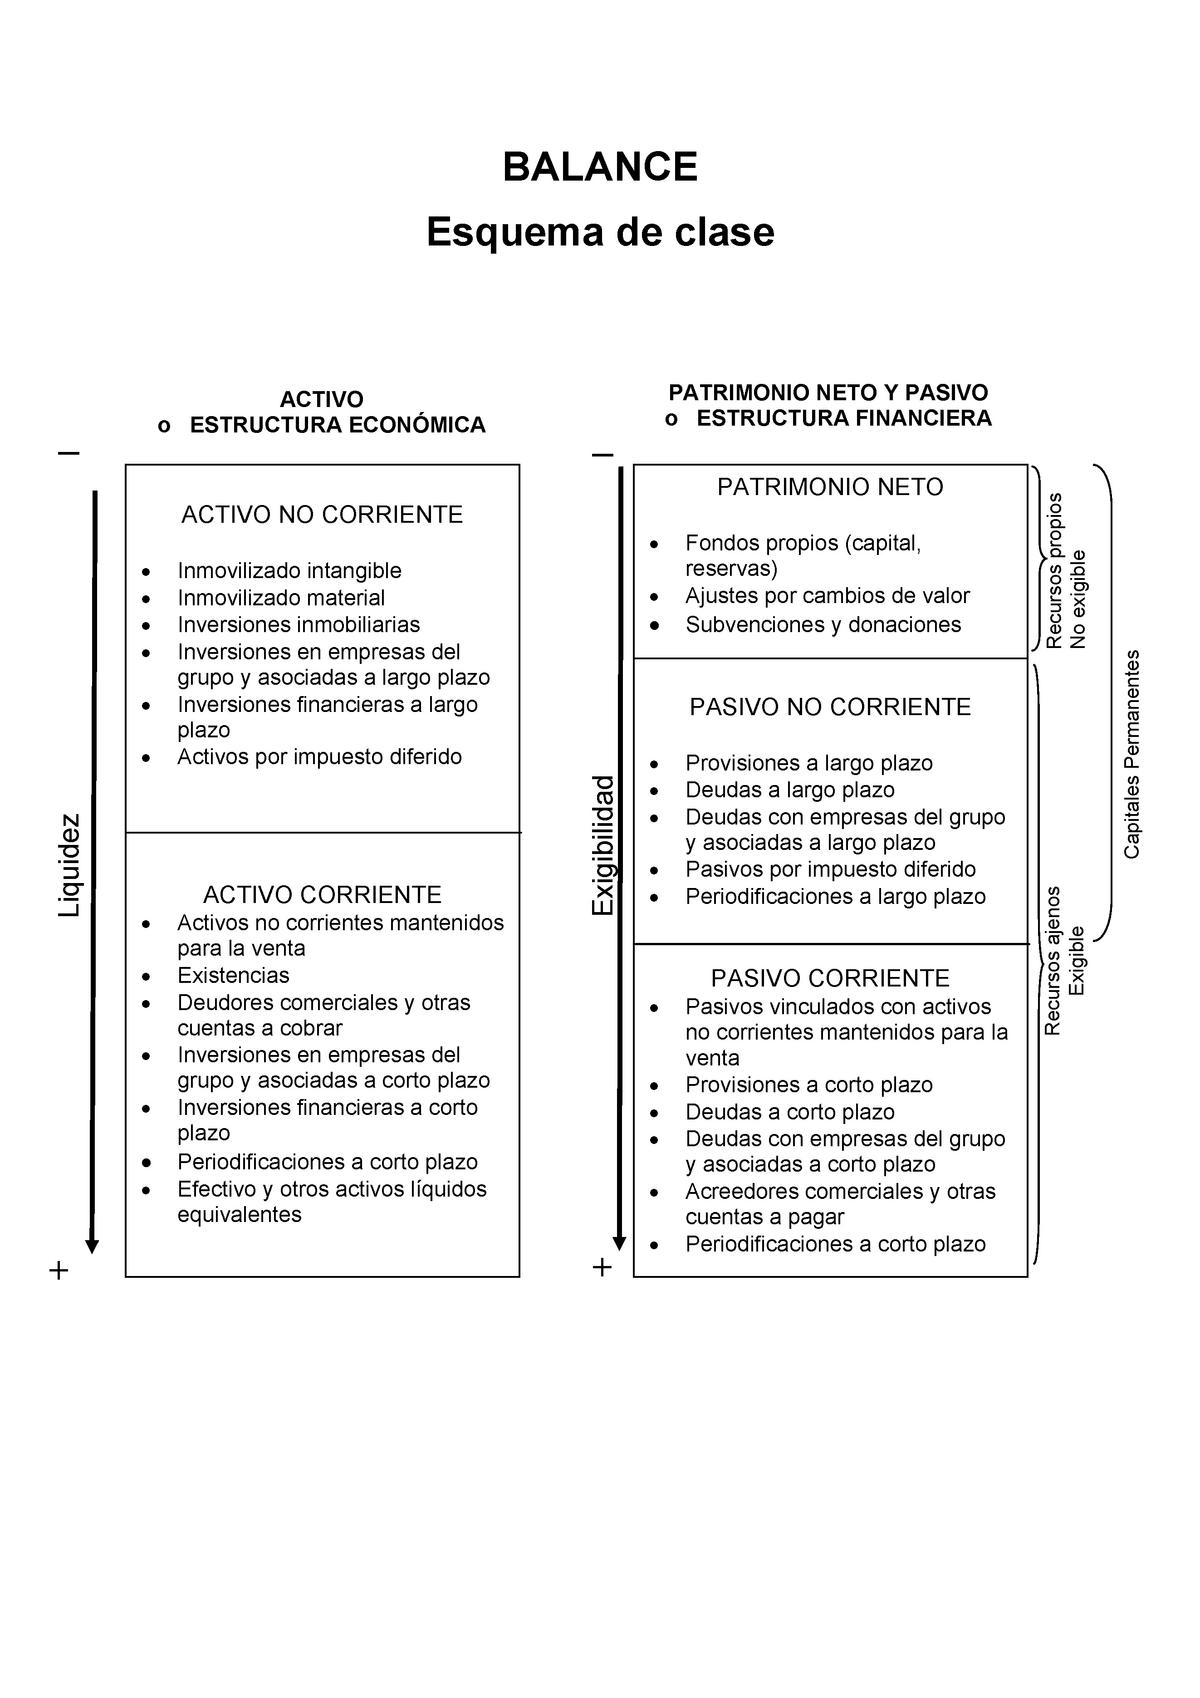 Estructura Del Balance T5 Empresa 364296 Ub Studocu